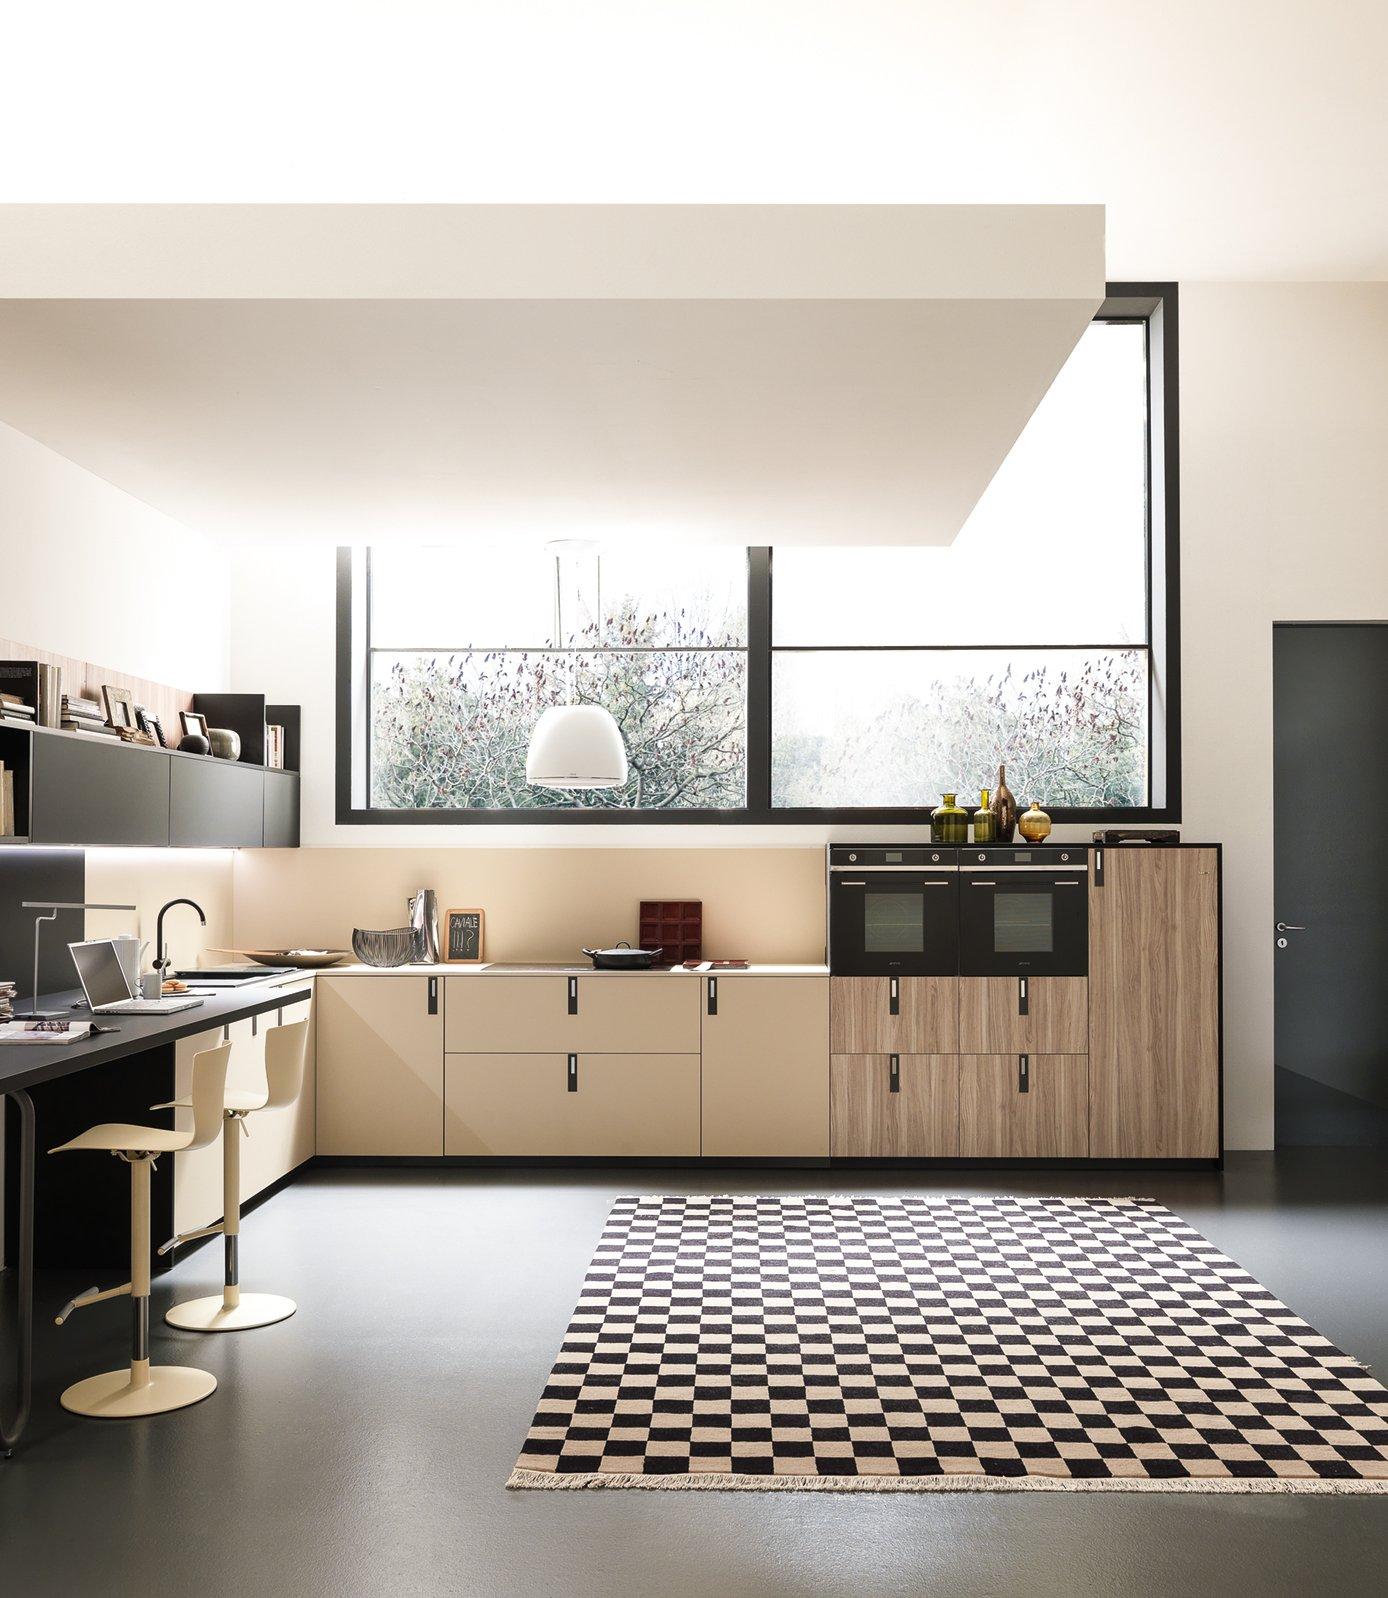 la cucina sotto la finestra: 12 composizioni cui ispirarsi - cose di